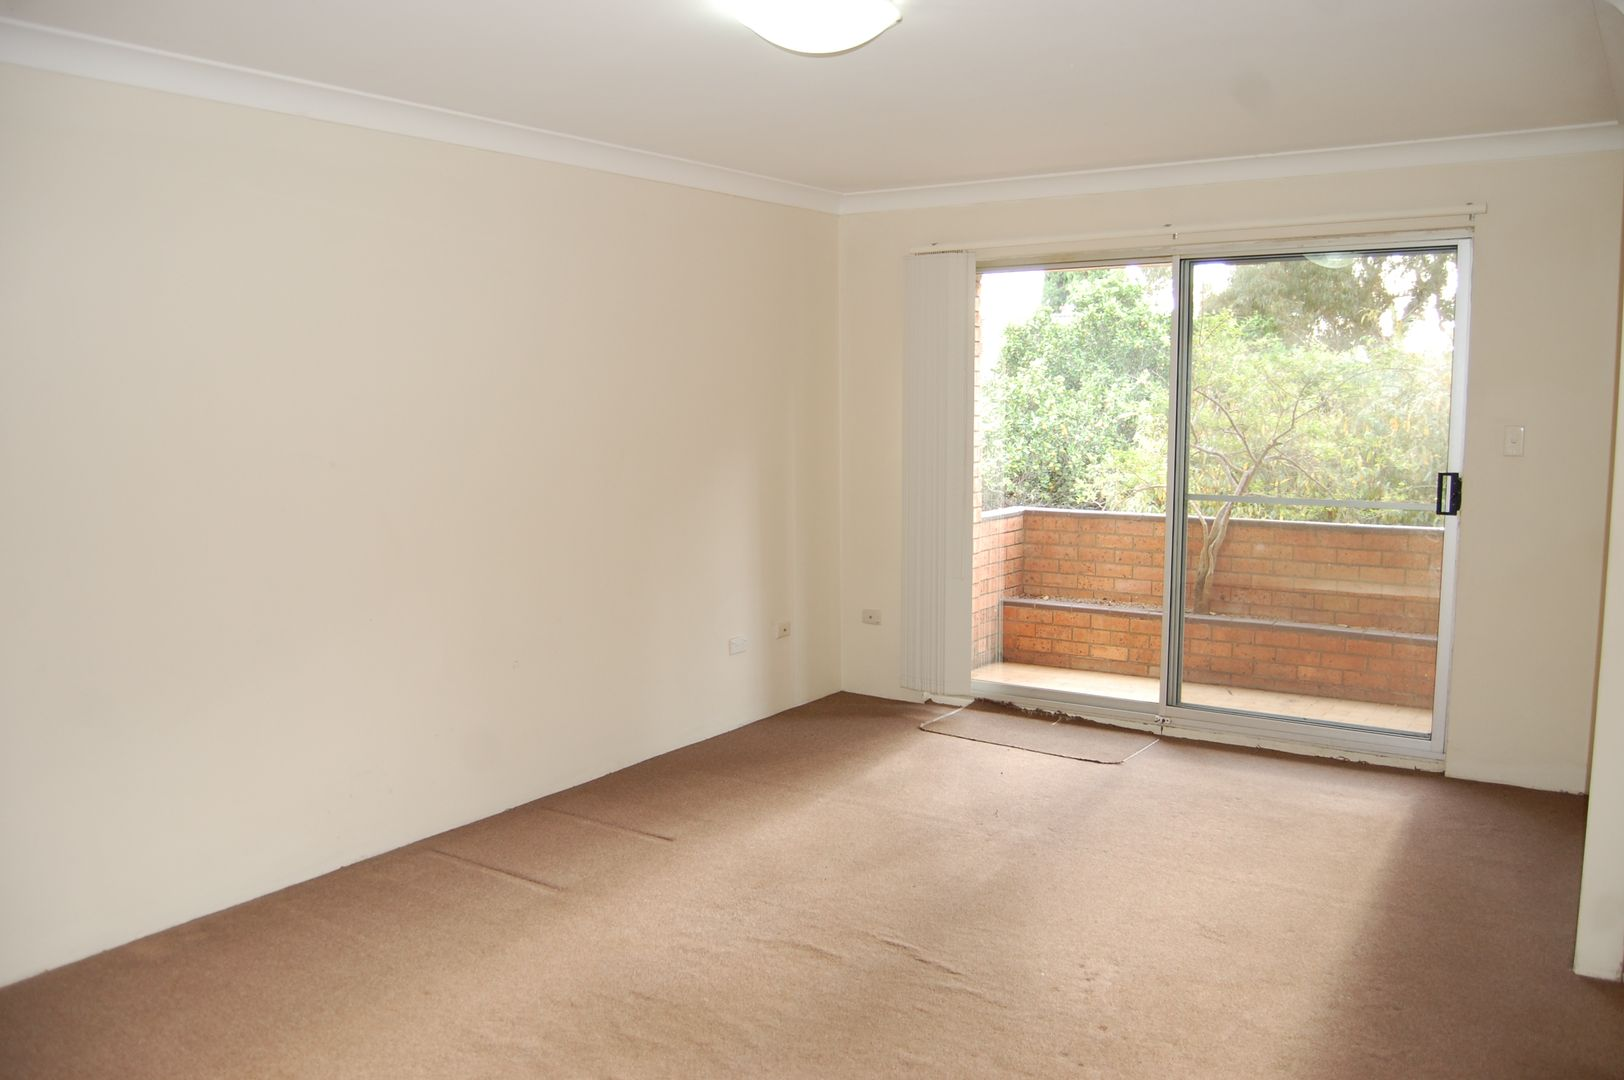 10/15 Arthur Street, Marrickville NSW 2204, Image 1